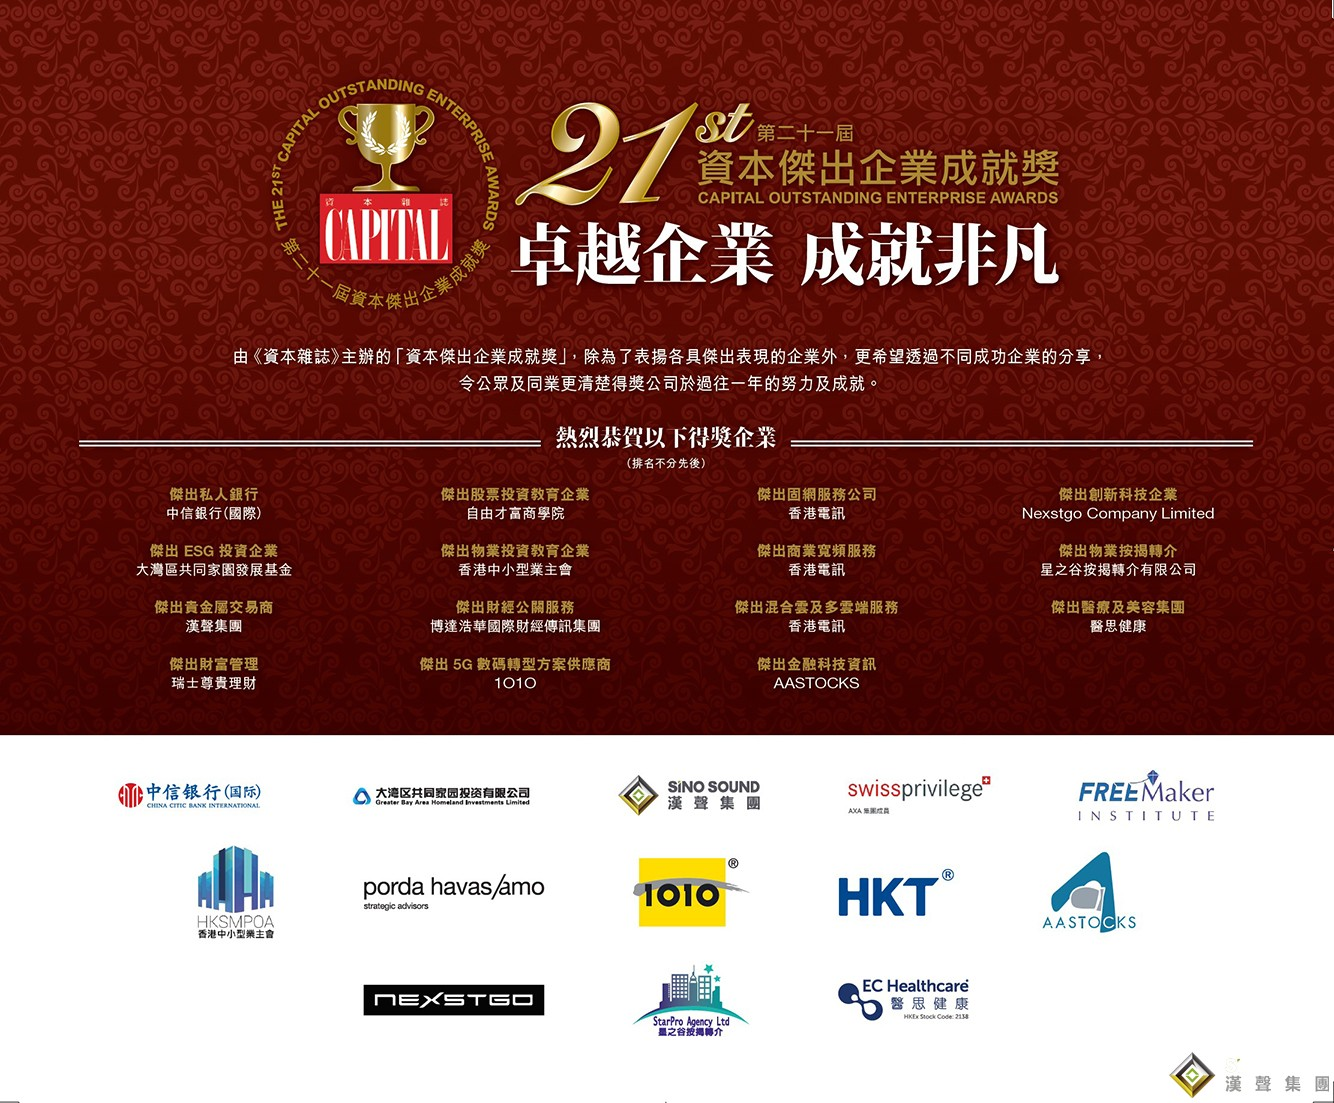 """汉声集团荣获""""第二十一届资本杰出企业成就奖"""""""